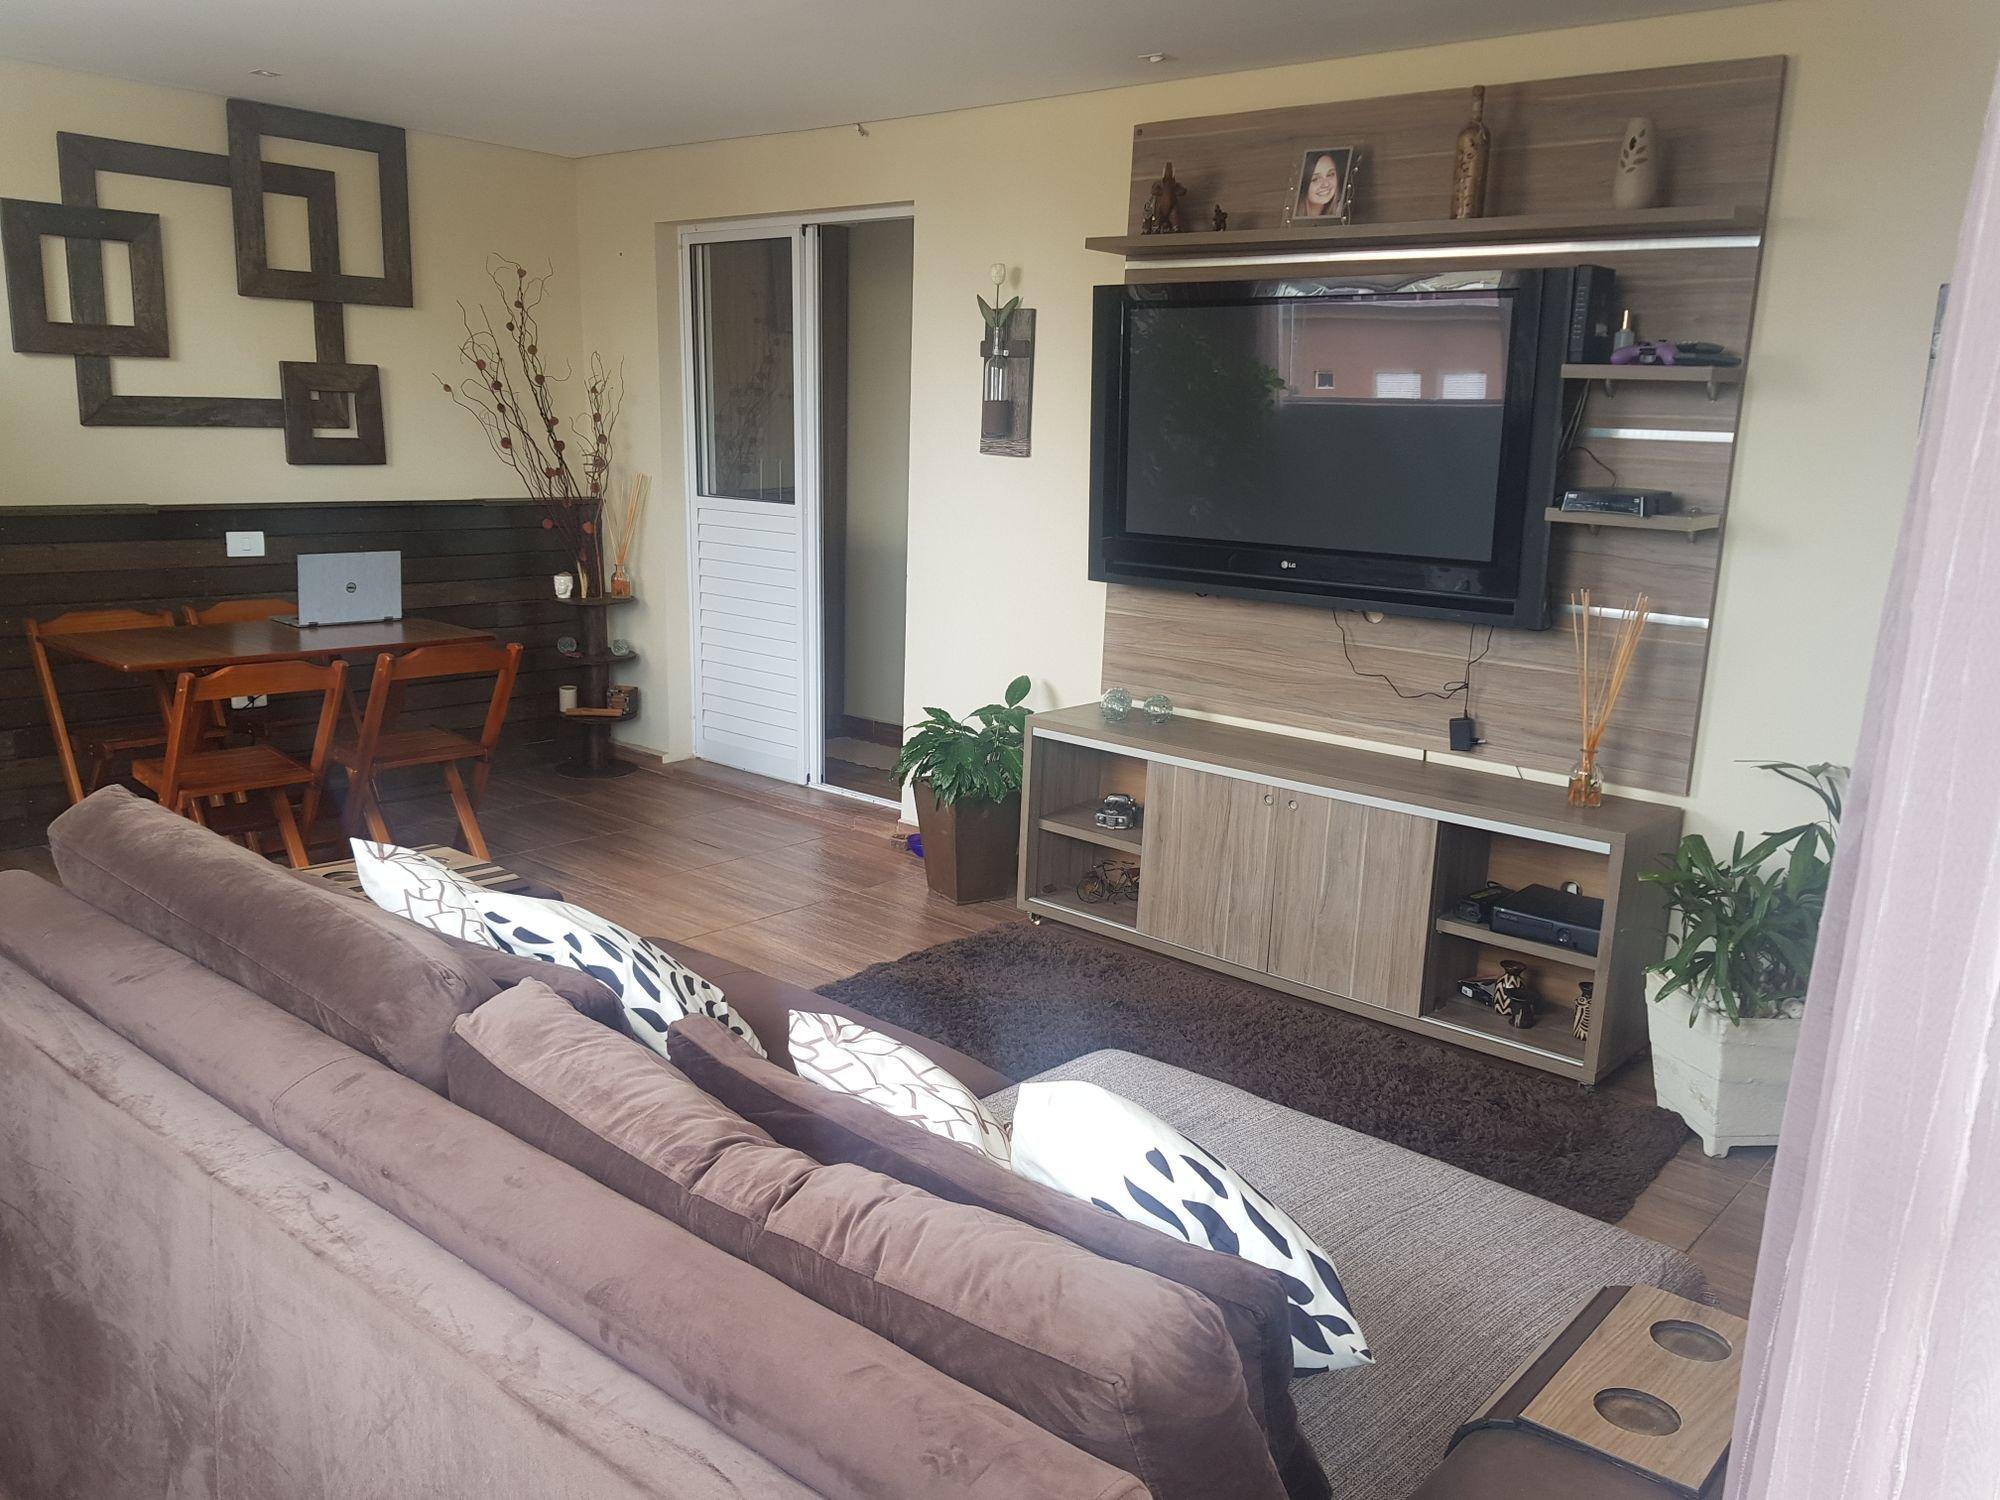 Foto de Sala com vaso de planta, sofá, televisão, cadeira, mesa de jantar